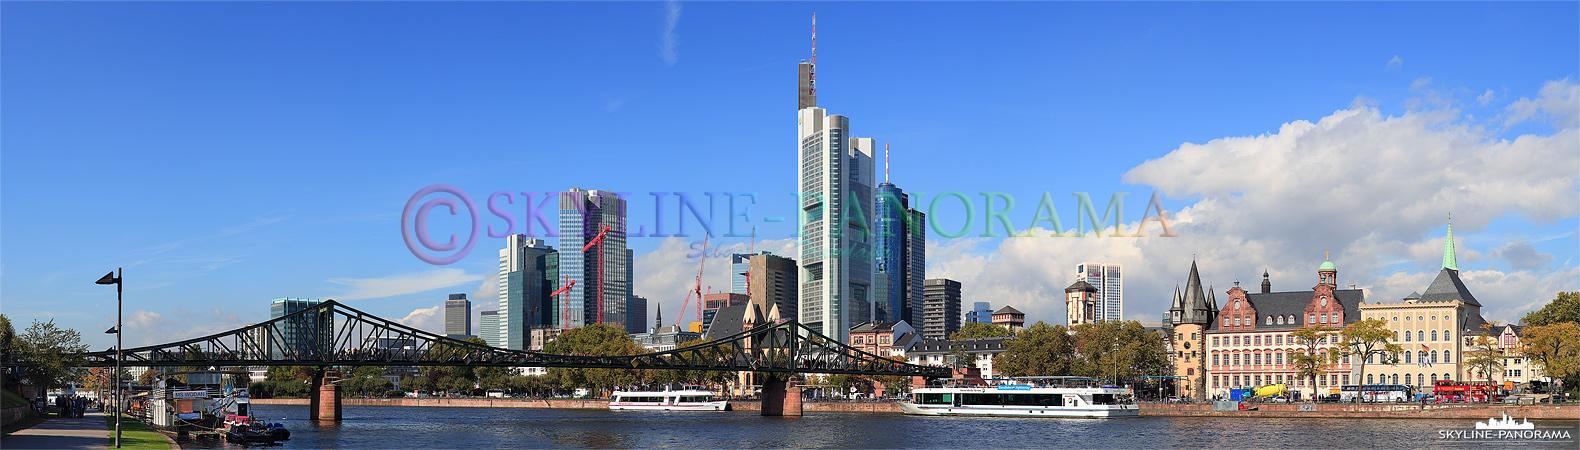 Skyline Panorama - Die Hochhäuser von Frankfurt am Main zusammen mit dem historischen Eisernen Steg vom Mainufer aus gesehen, die Aufnahme entstand an einem schönen Spätsommertag im September 2012.